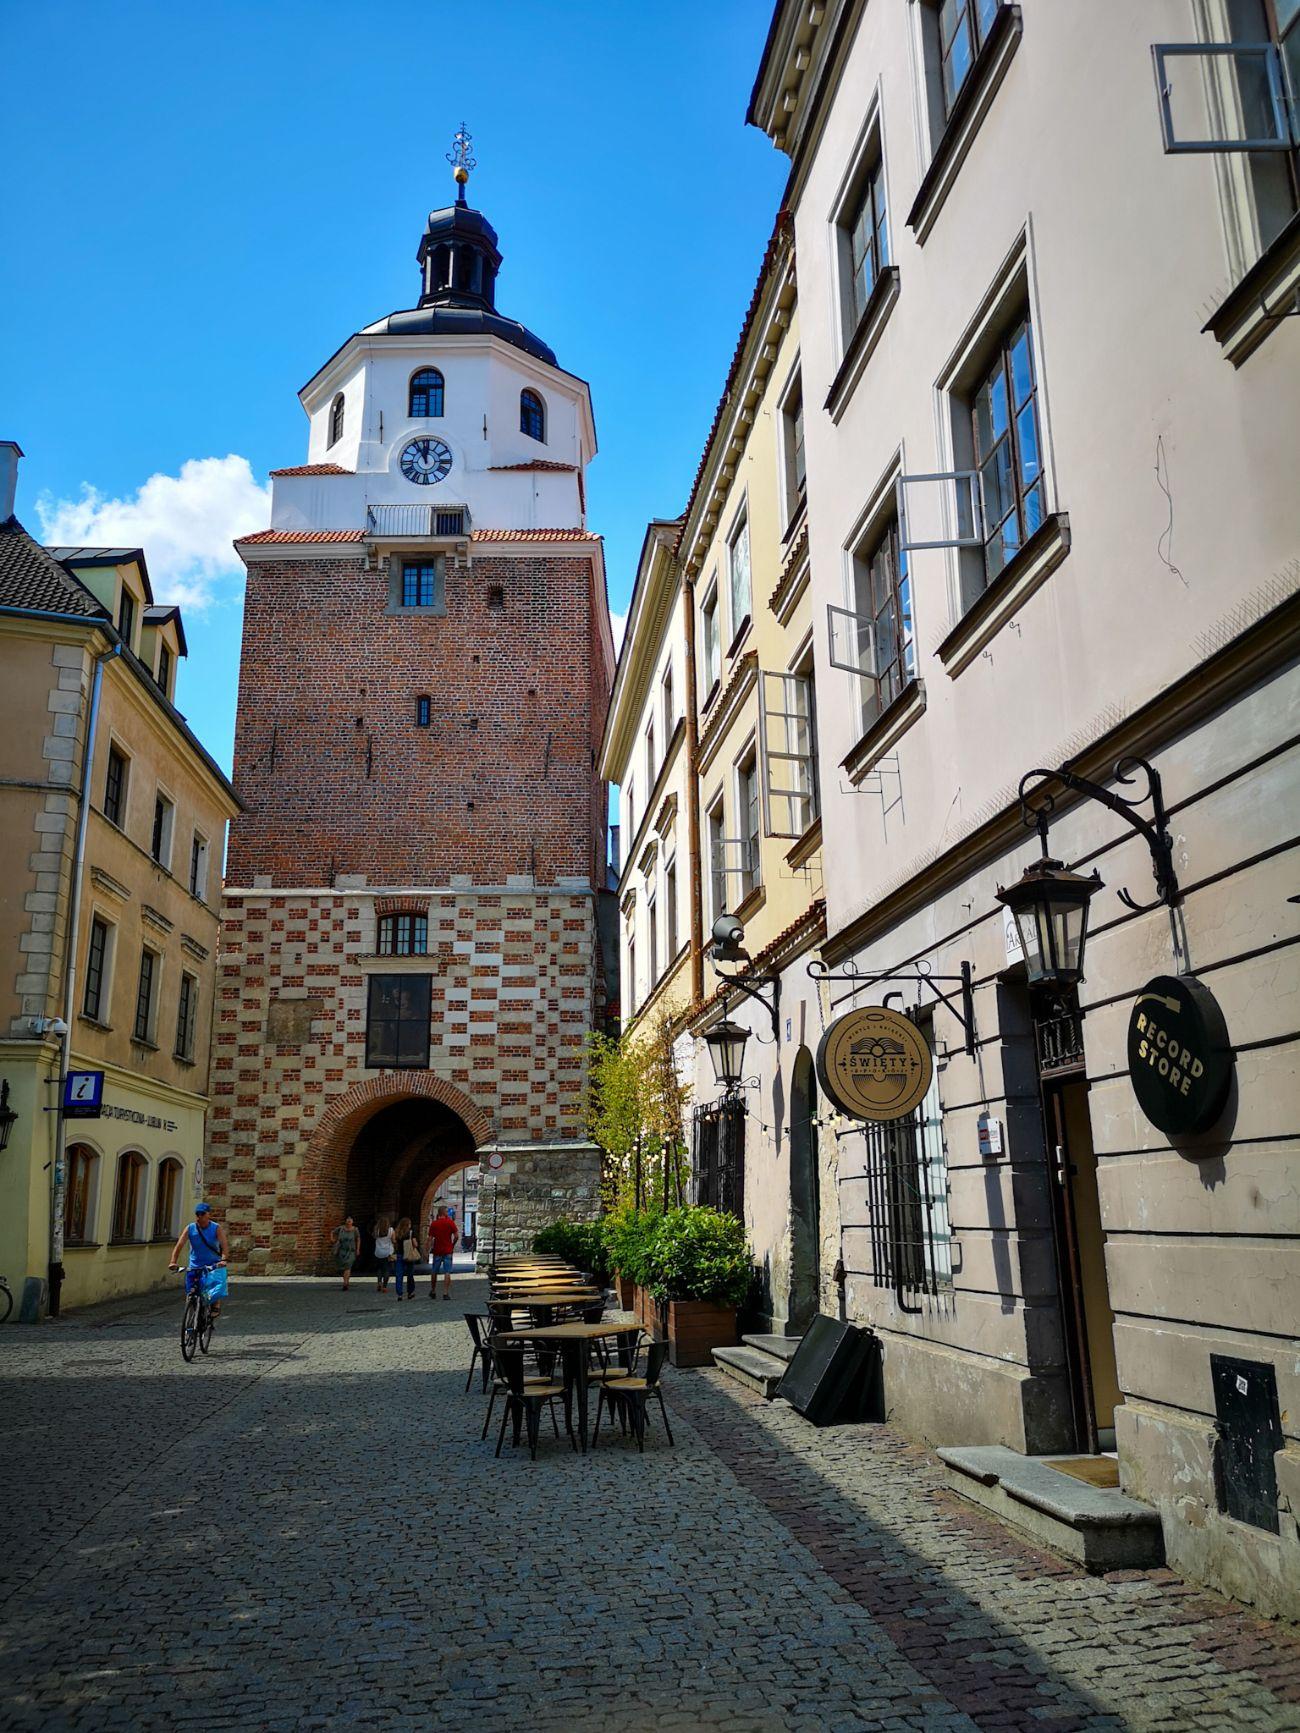 brama krakowska w lublinie muzeum historii miasta lublina stare miasto co zwiedzić w weekend